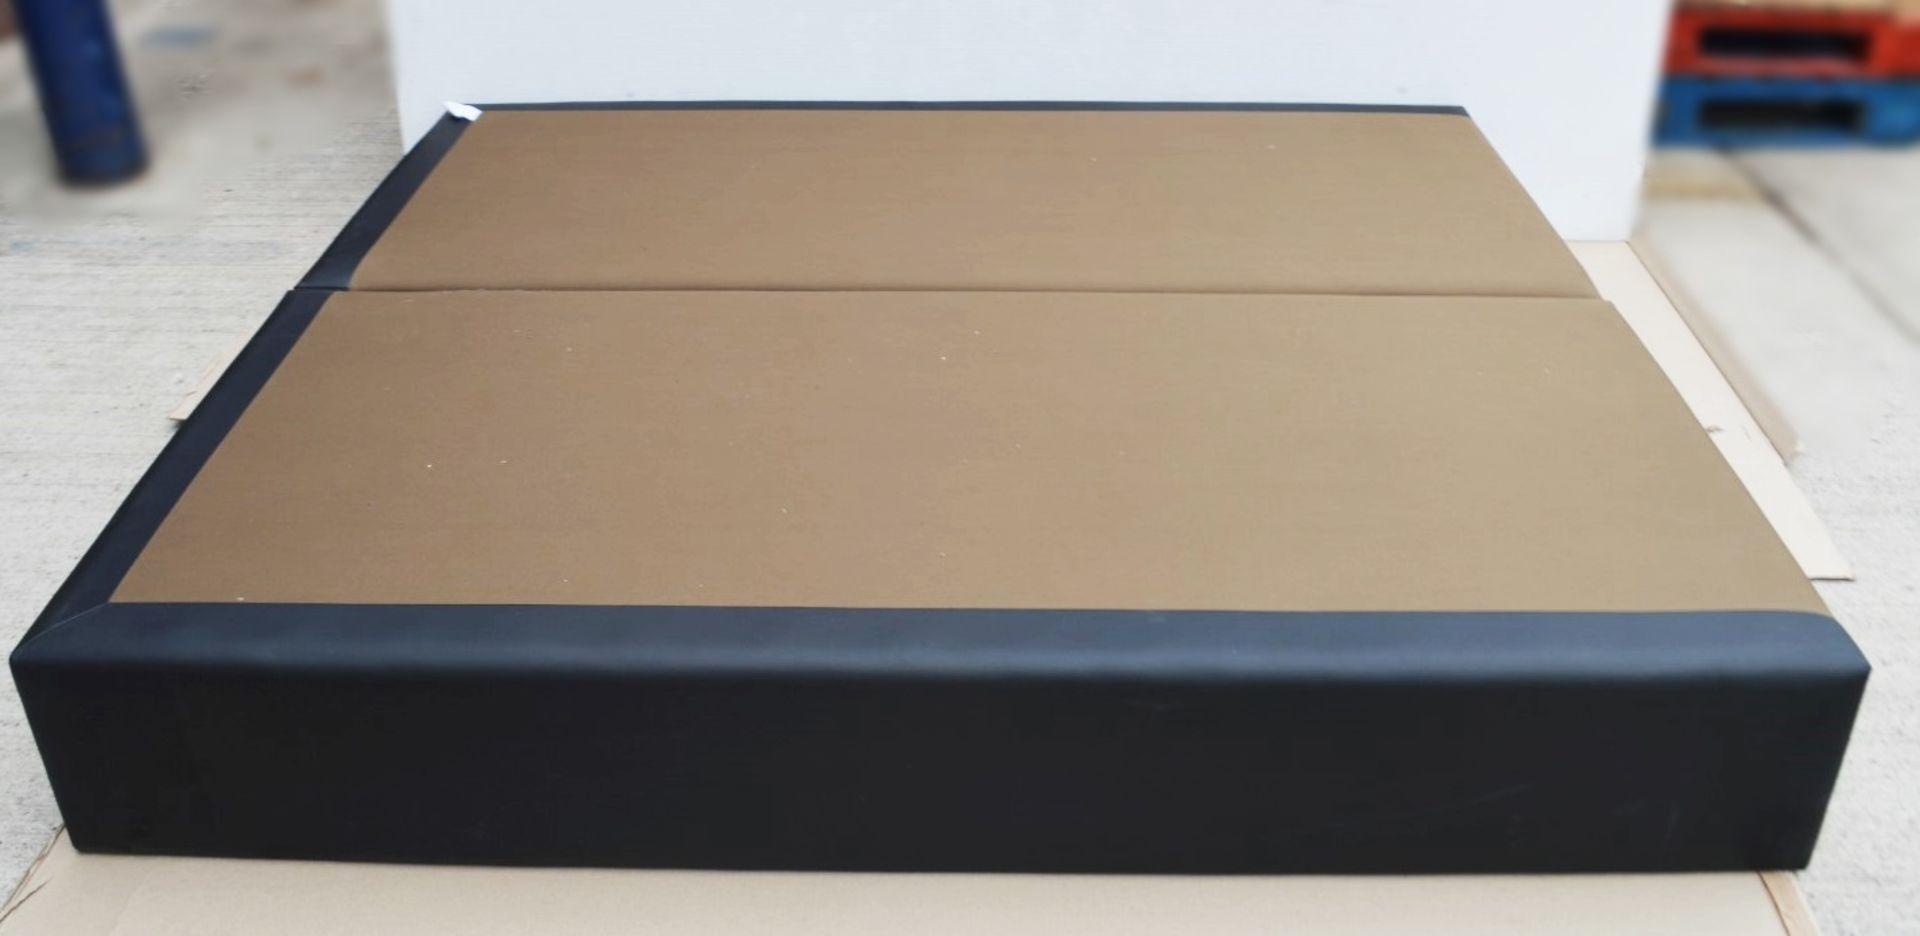 1 x COLUNEX 'Elite' Super Kingsize Divan Bed Base Upholstered In A Grey Leather - RRP £3,008 - Image 3 of 8